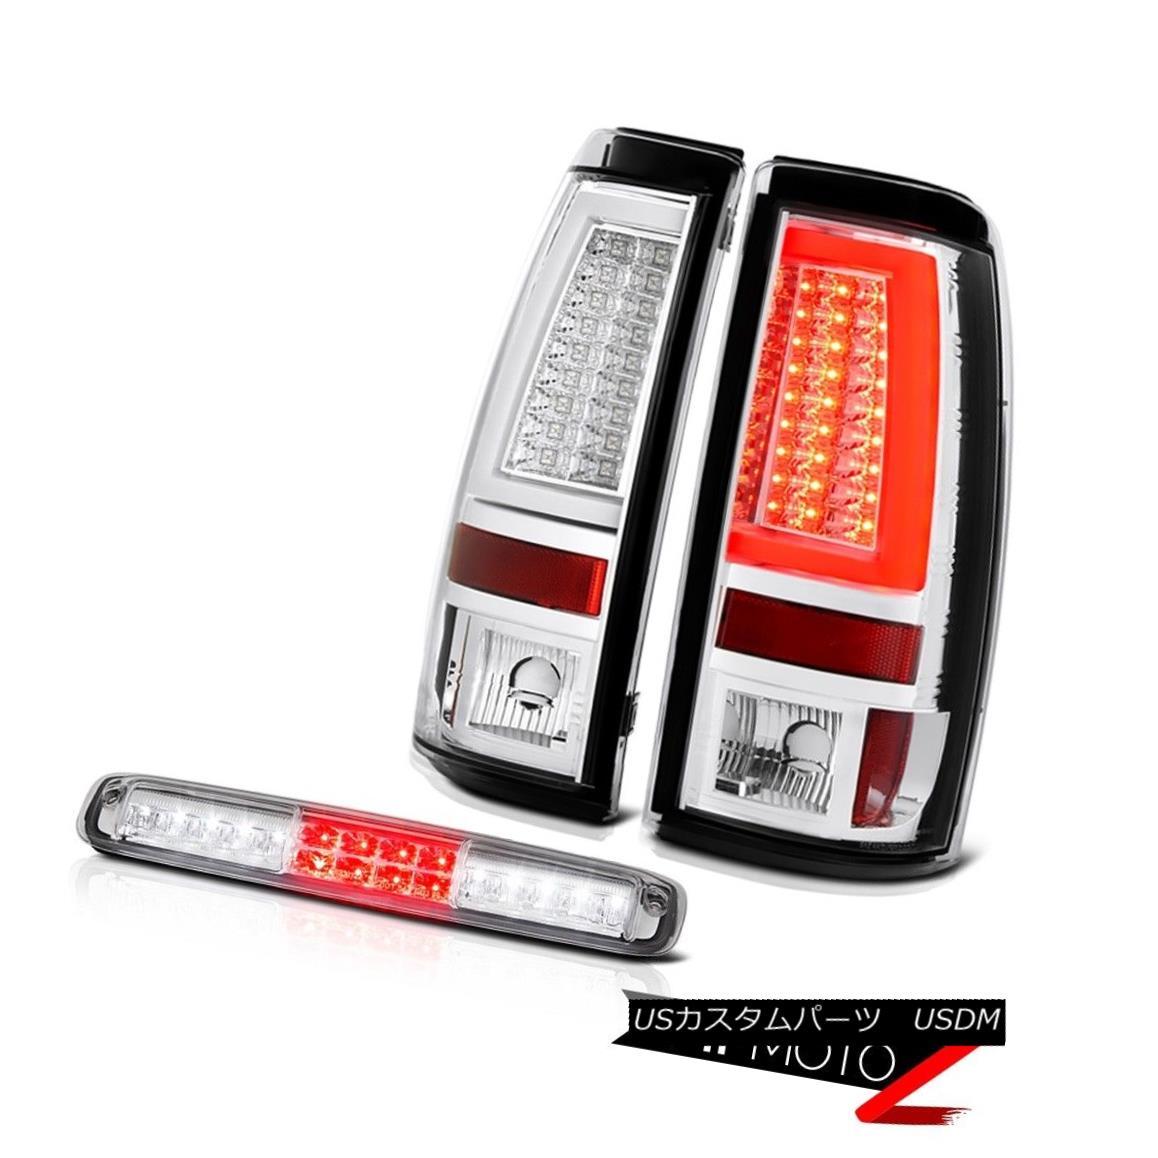 テールライト 03 04 05 06 Silverado Clear Chrome Taillights Roof Brake Lamp LED